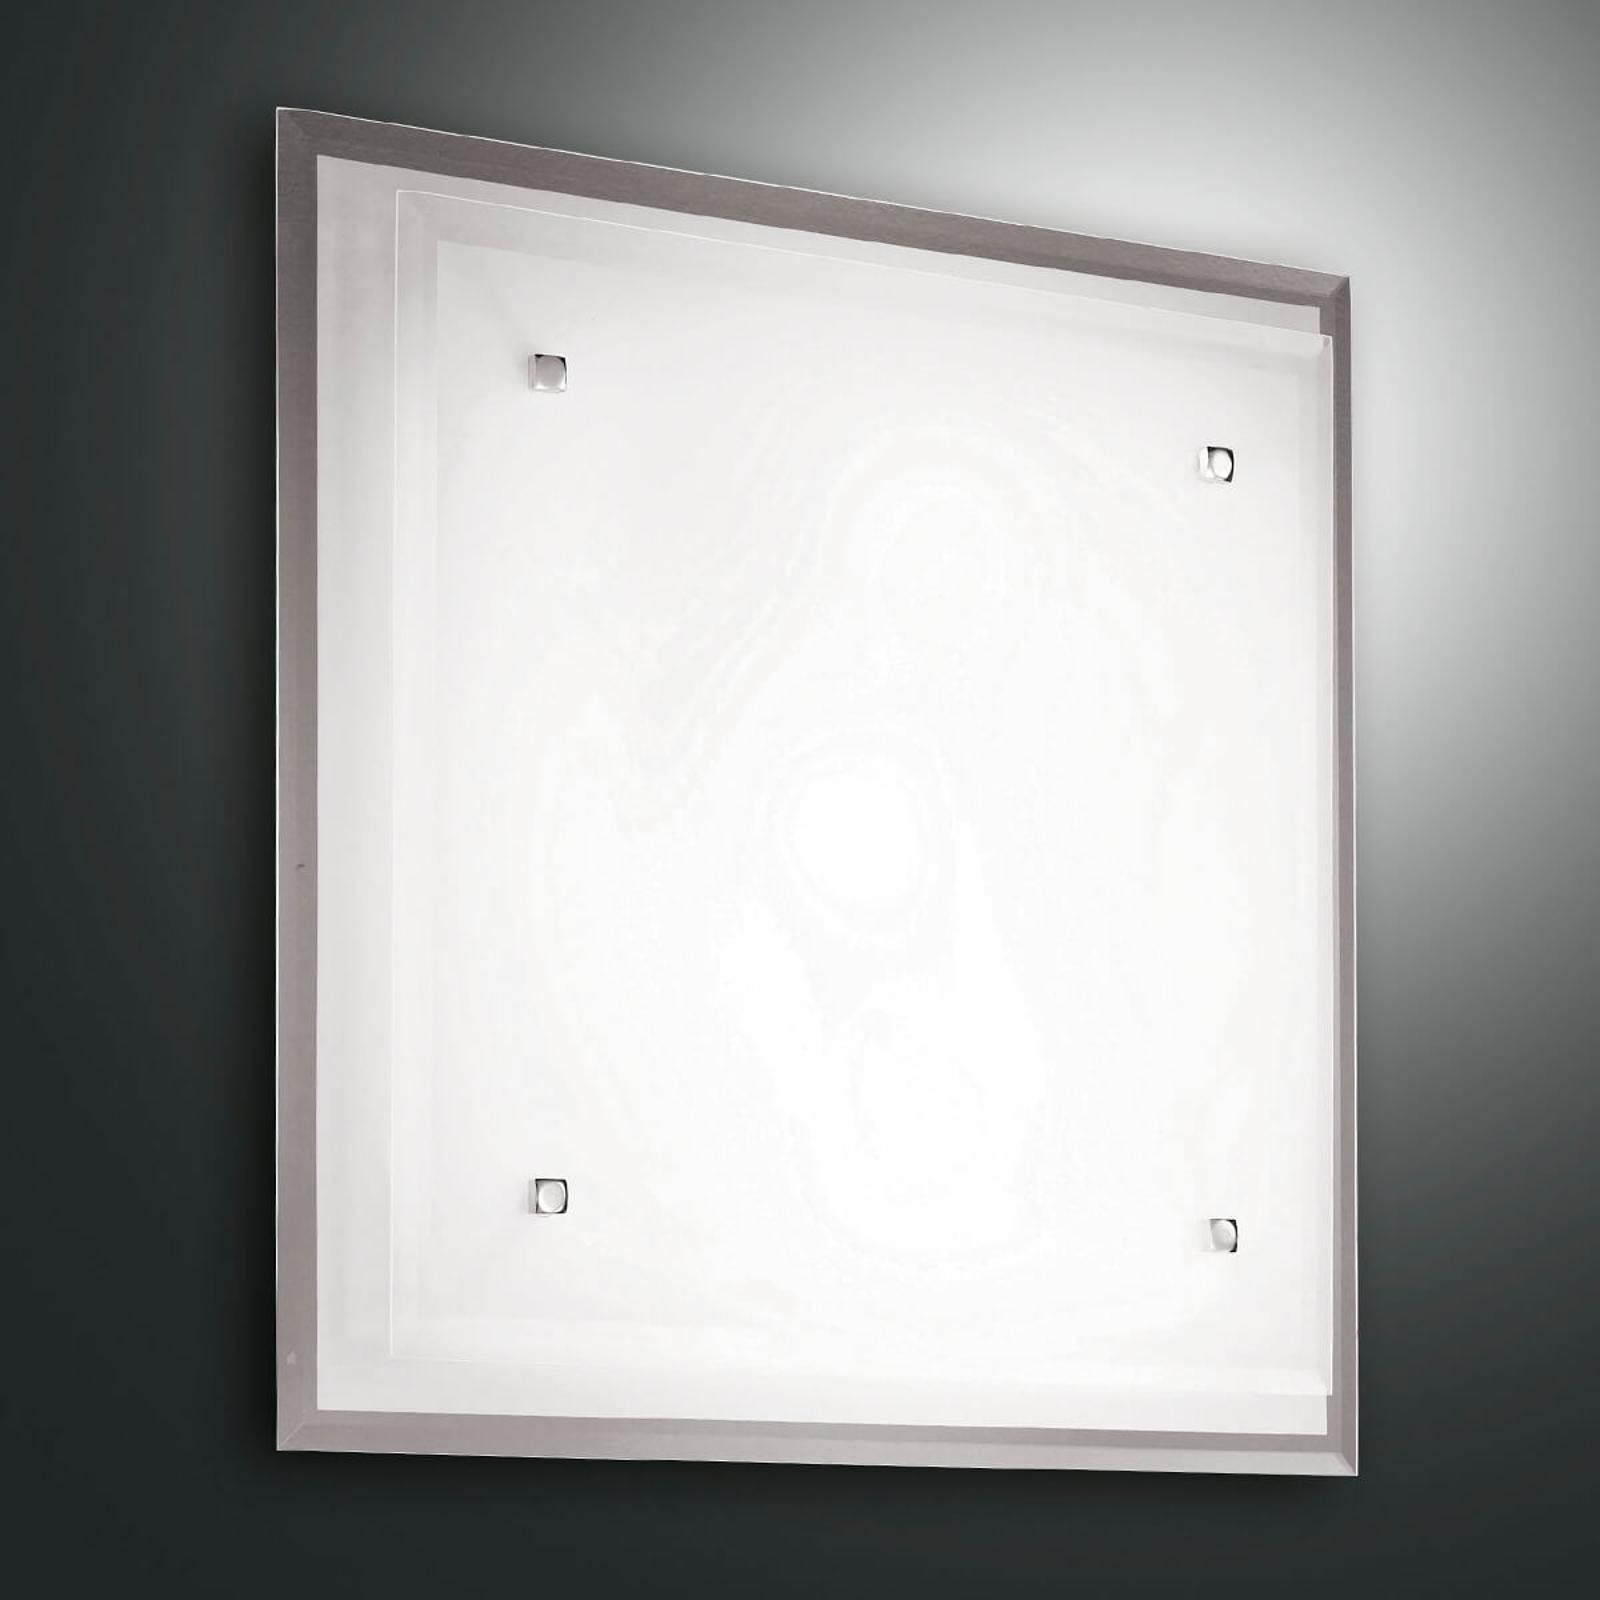 Szklana lampa sufitowa Maggie, 40 x 40 cm